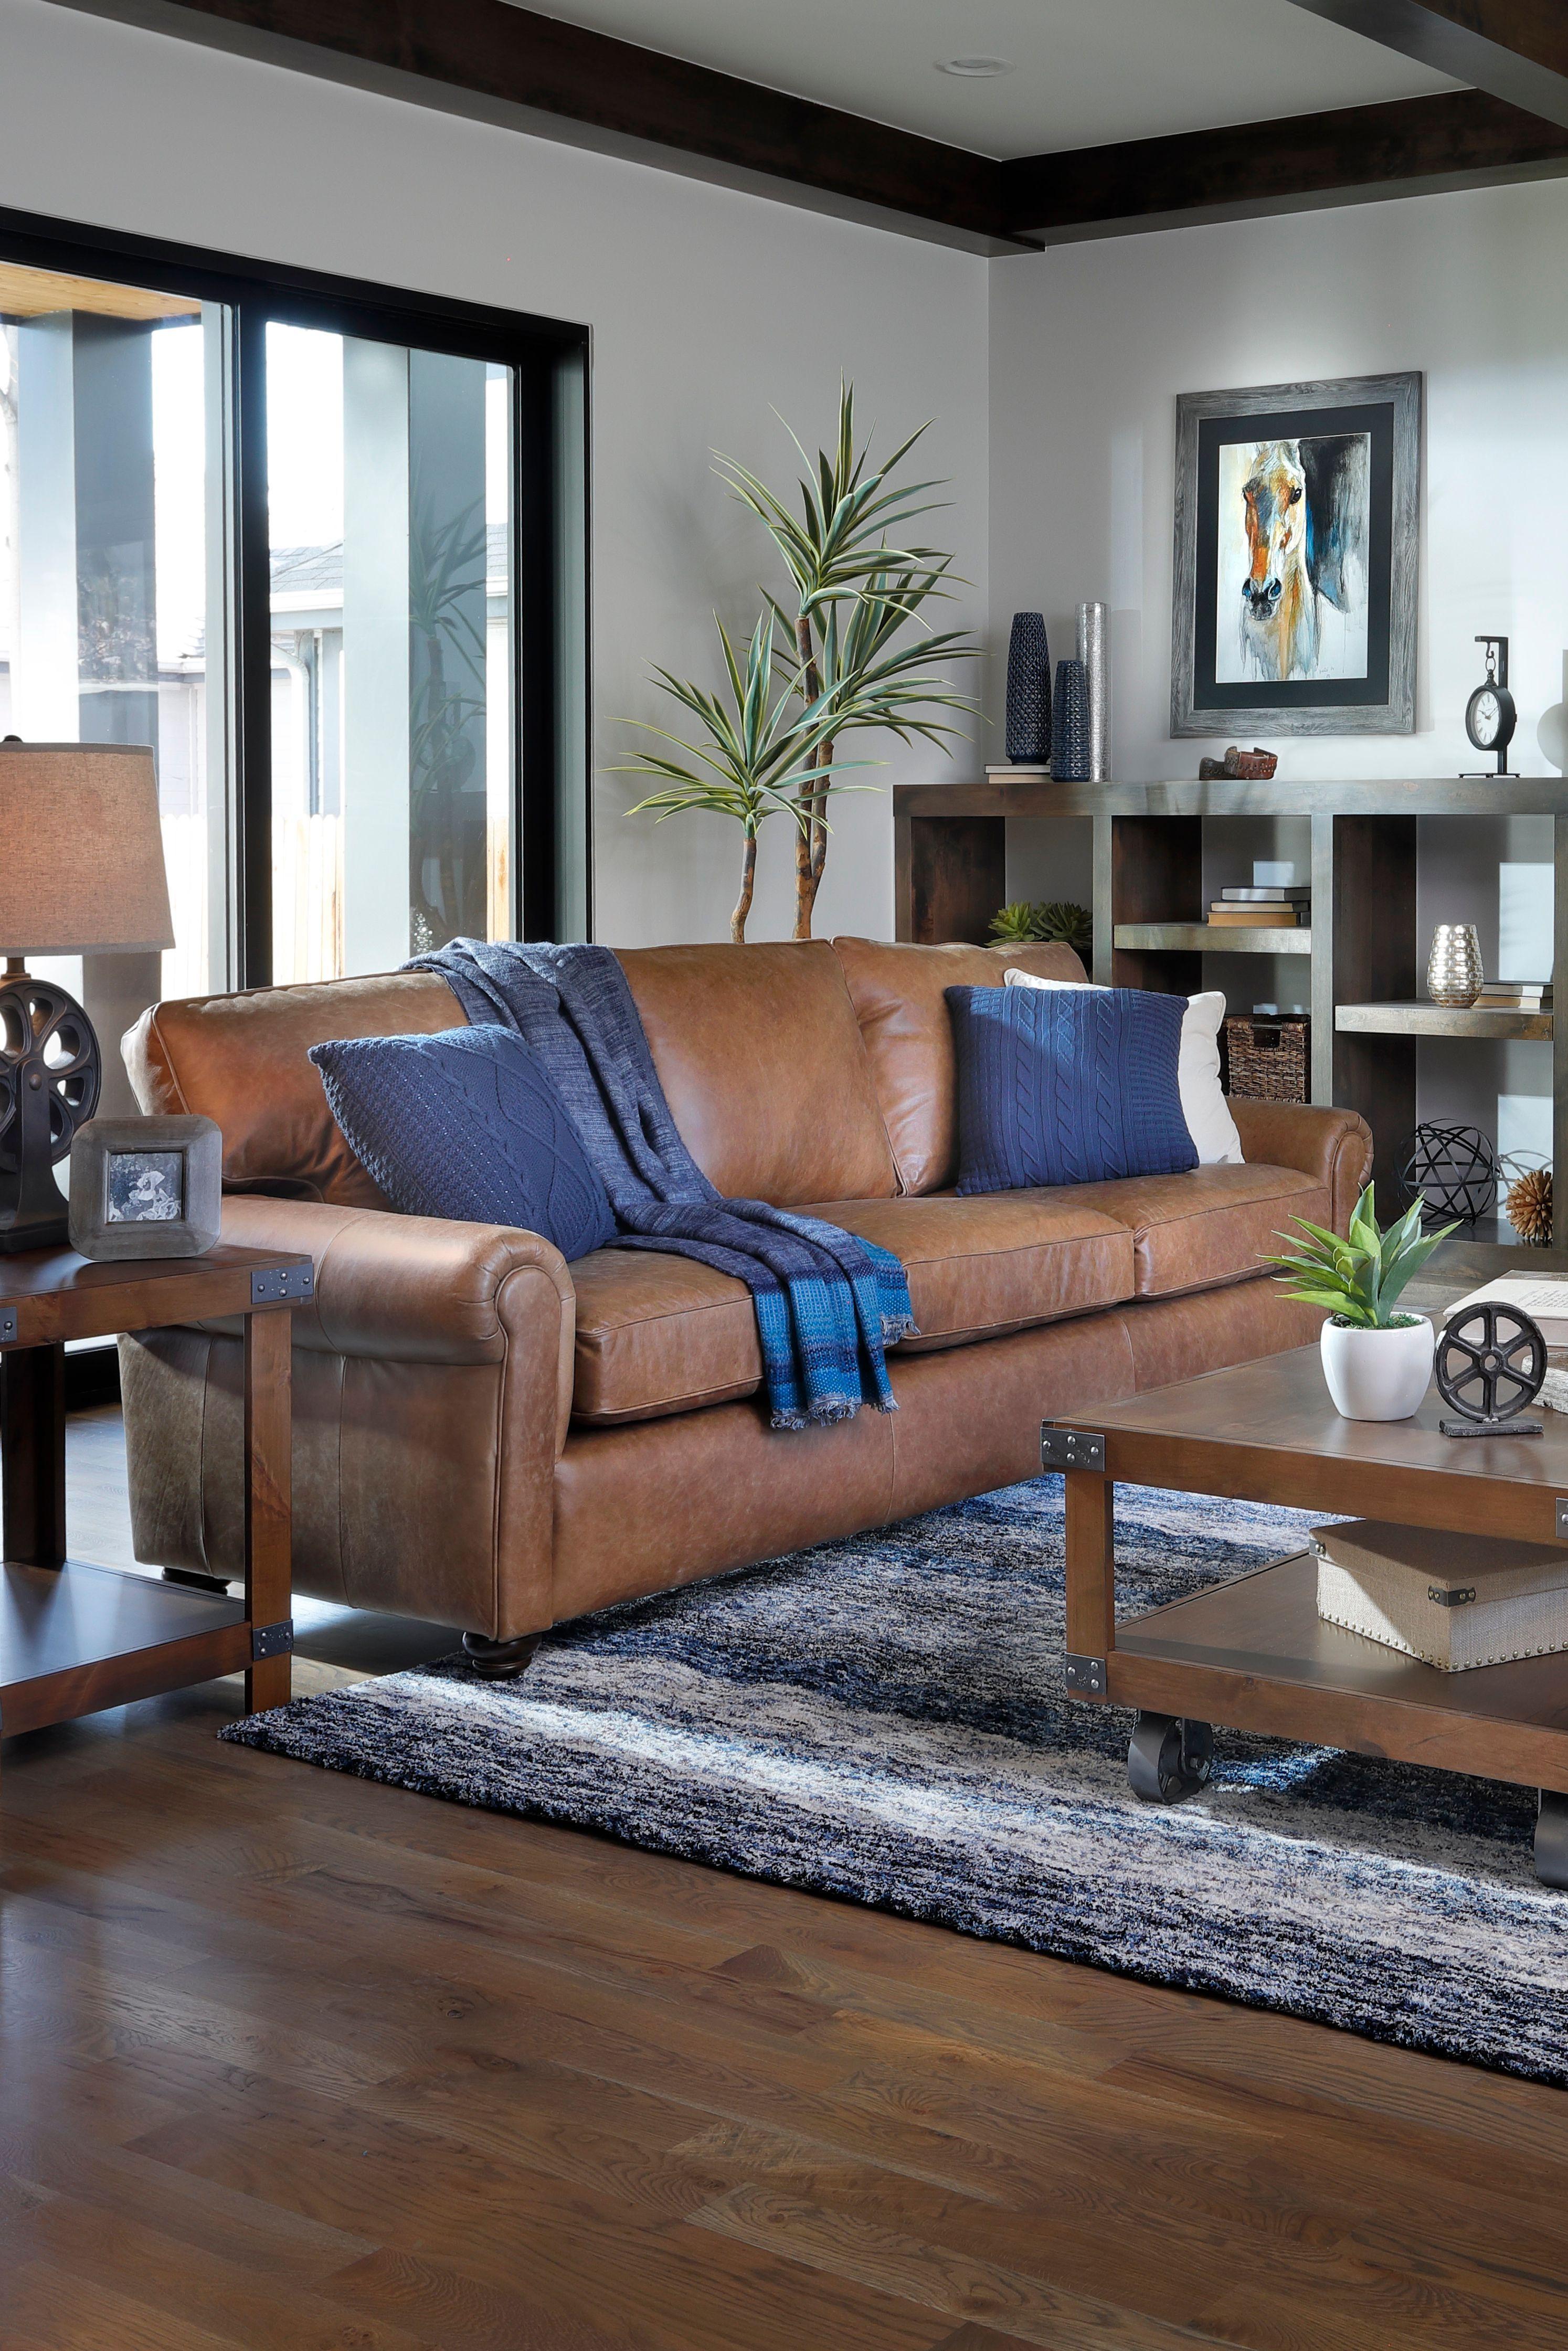 Portico Sofa In 2020 Home Decor Stylish Home Decor Cheap Home Decor